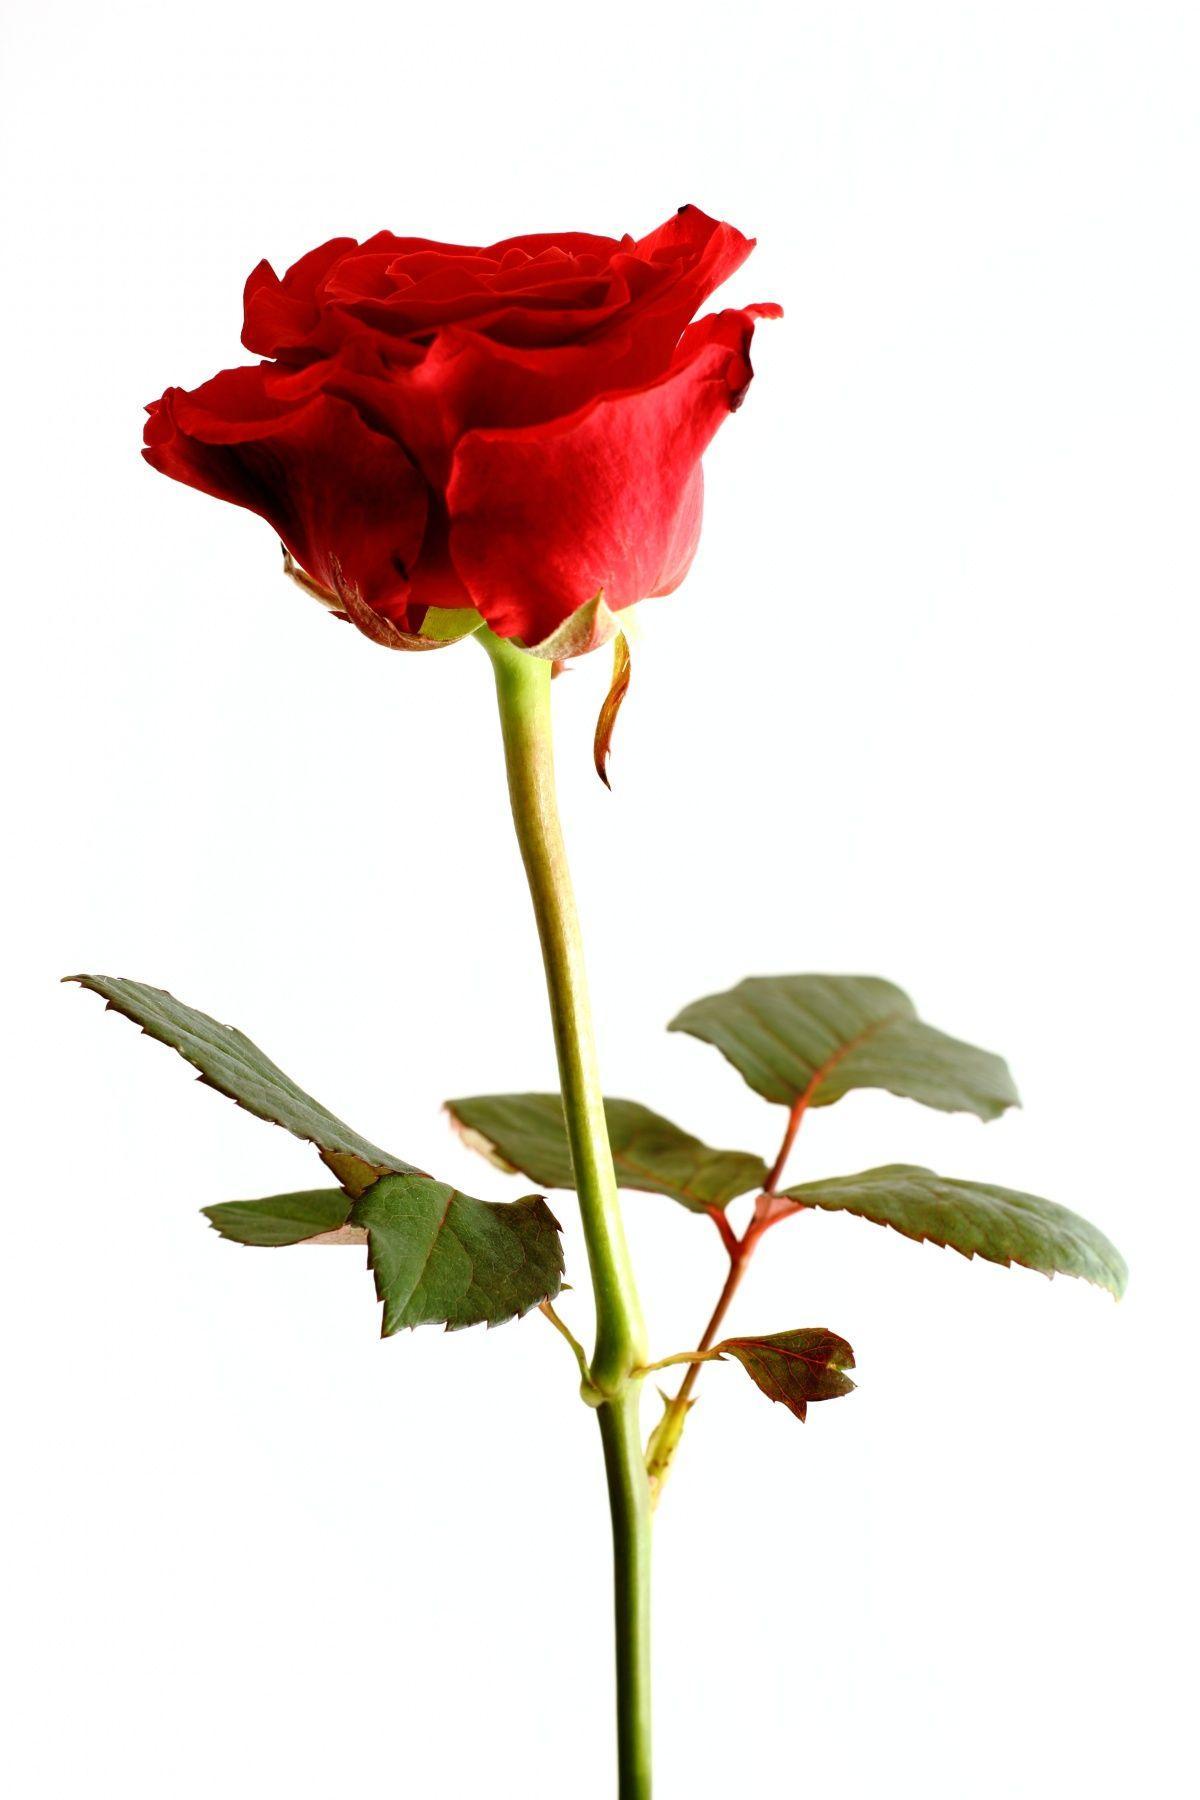 всегда фото одной красной розы на белом фоне этой целью могут